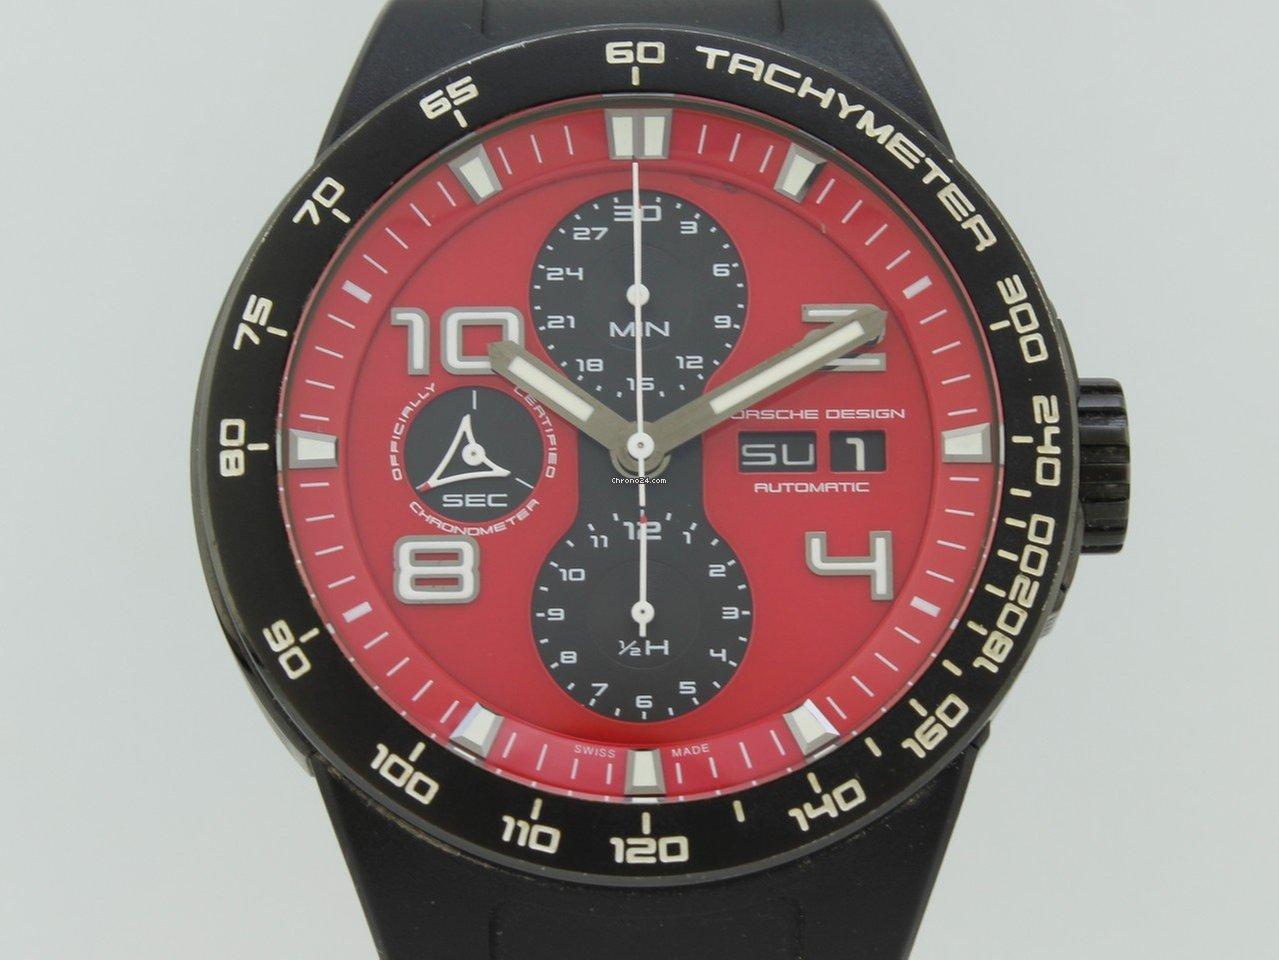 845bf11996a7 Relojes Porsche Design - Precios de todos los relojes Porsche Design en  Chrono24